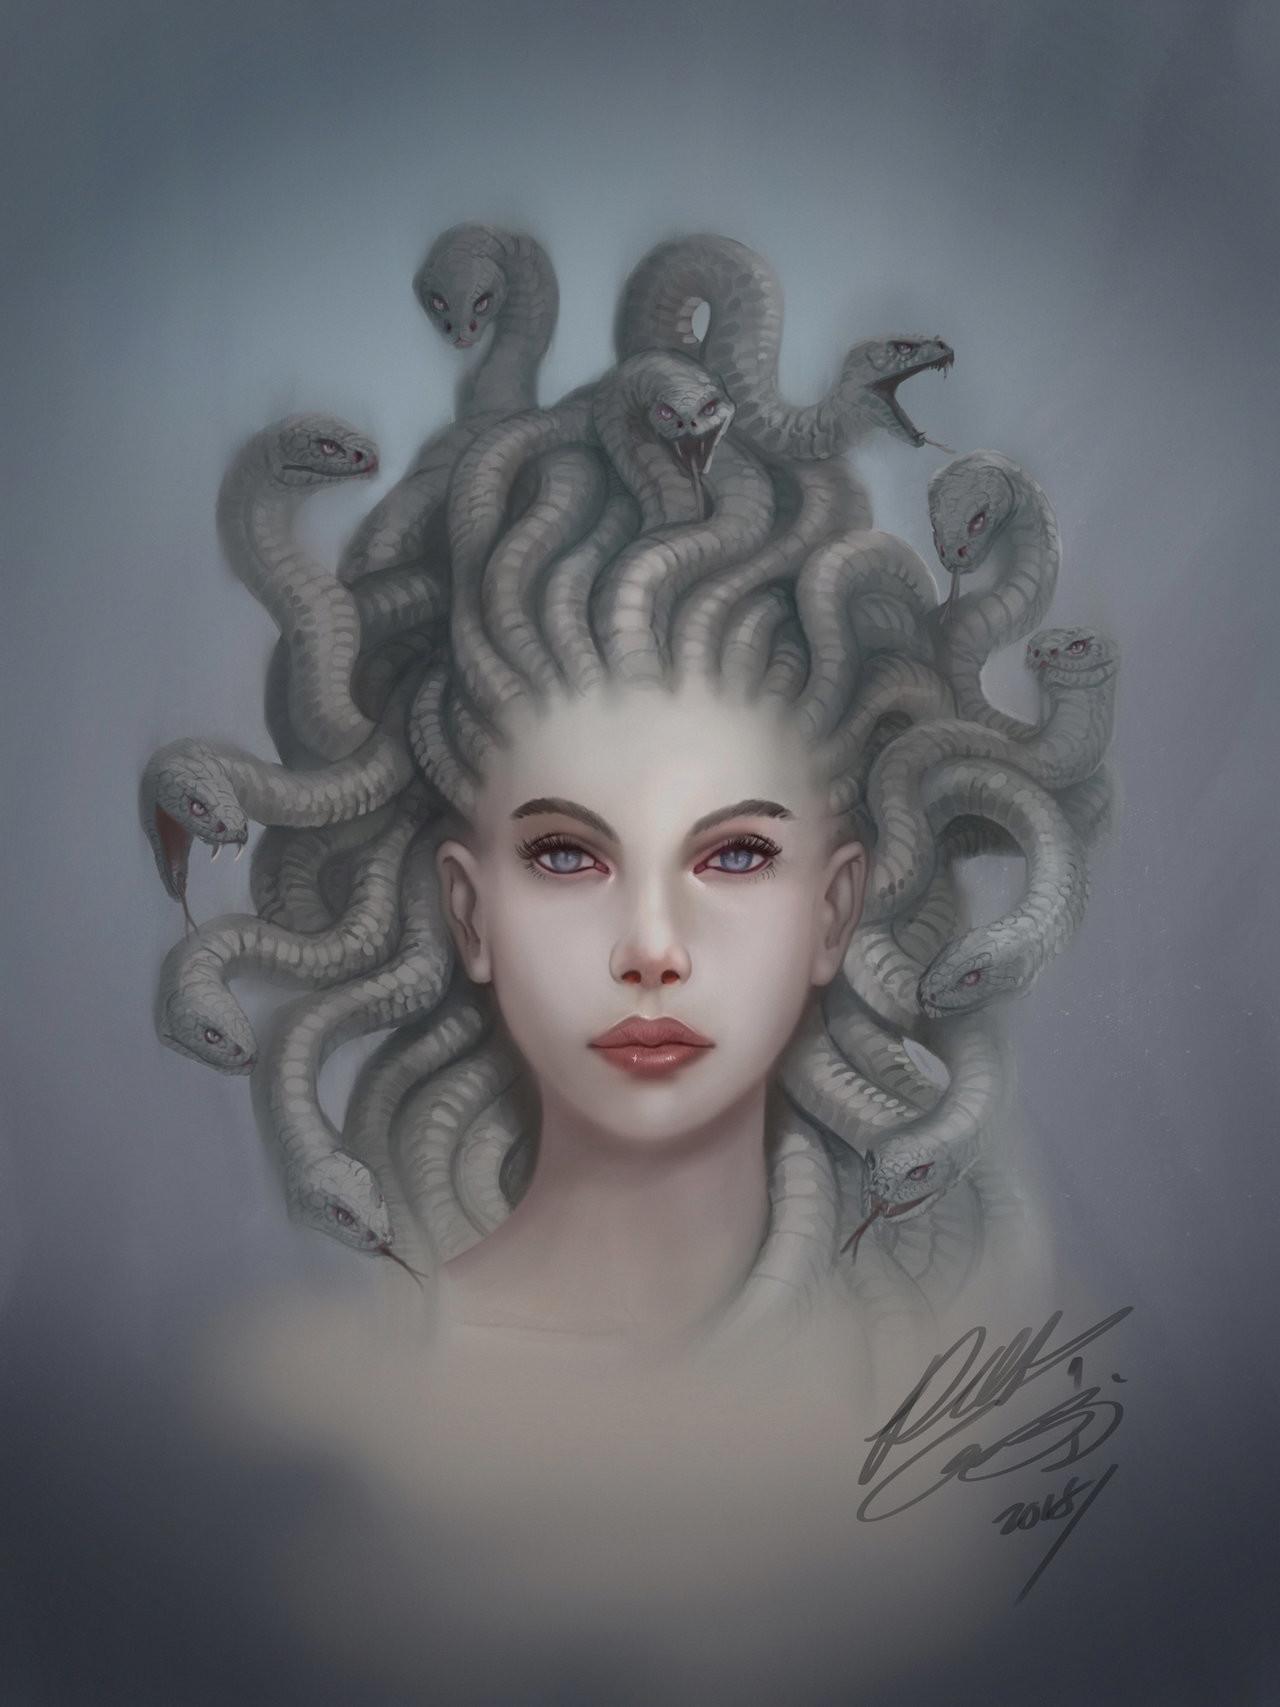 Robert crescenzio medusa portrait by robertcrescenzio dcnqoqq